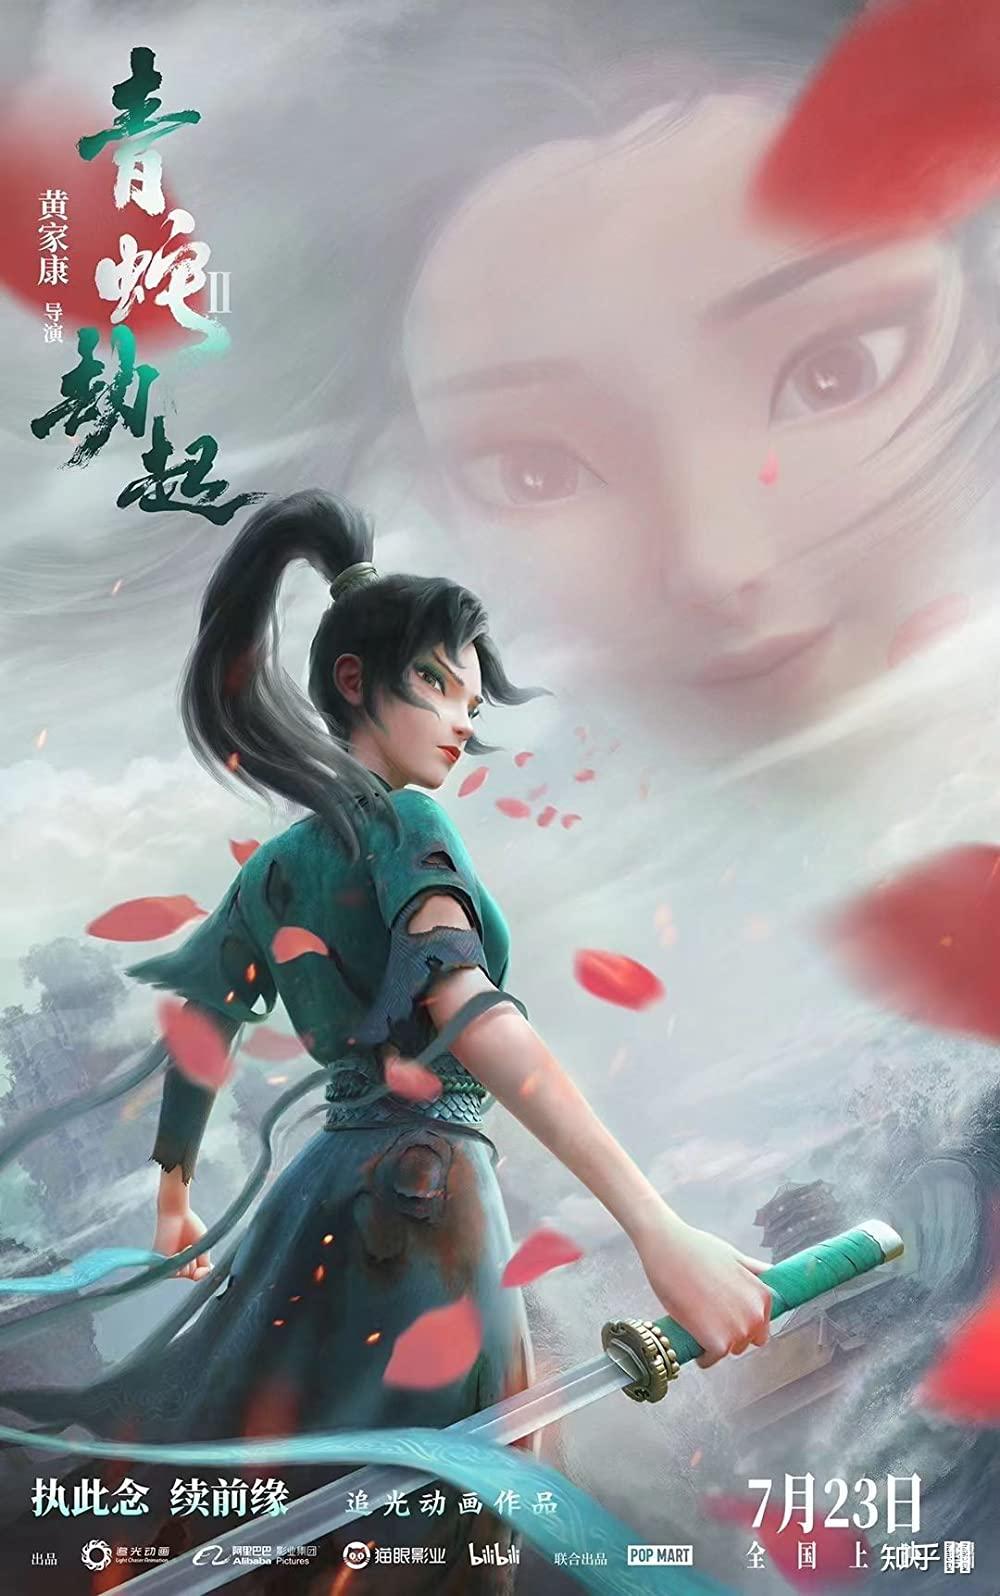 Bai She 2: Qing She jie qi